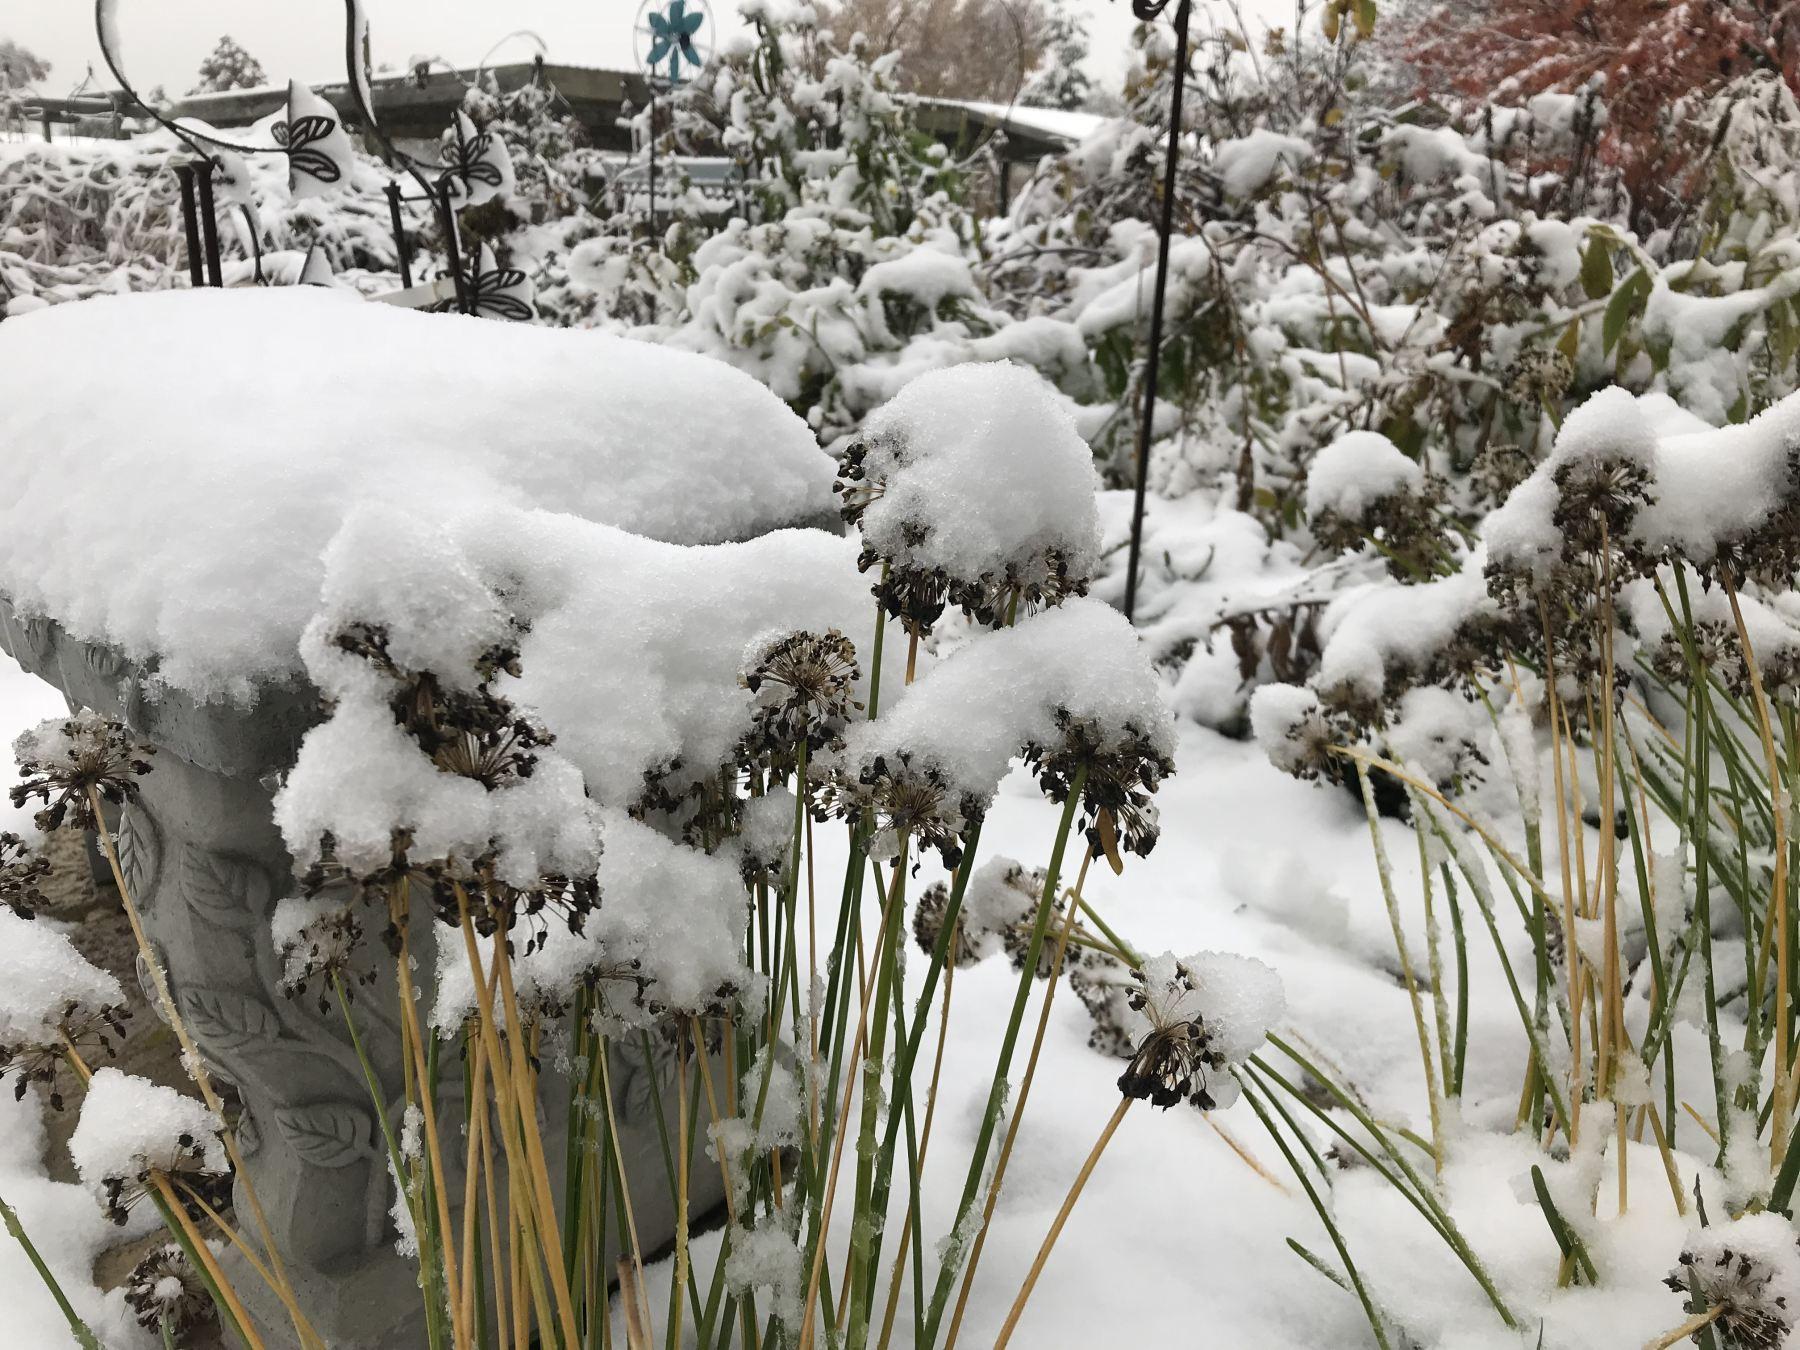 Allium flowers with snow